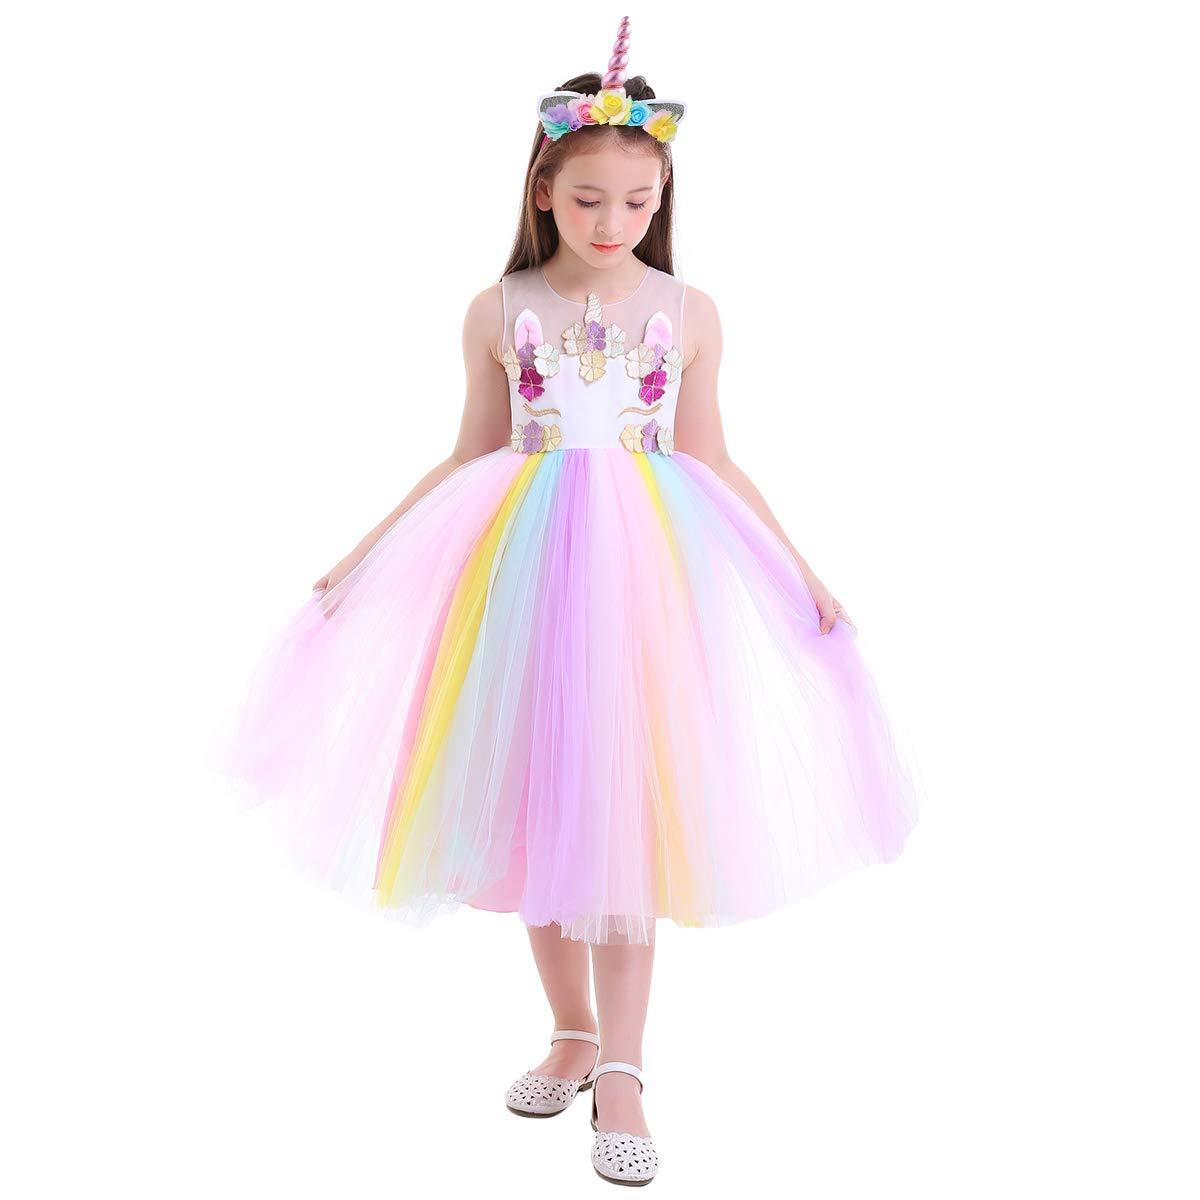 IWEMEK Princesa Disfraz de Halloween Unicornio Lentejuelas Vestido del Arco Iris Traje Vestido de Niña de Cumpleaños Fiesta Bautizo Comunión Carnaval ...